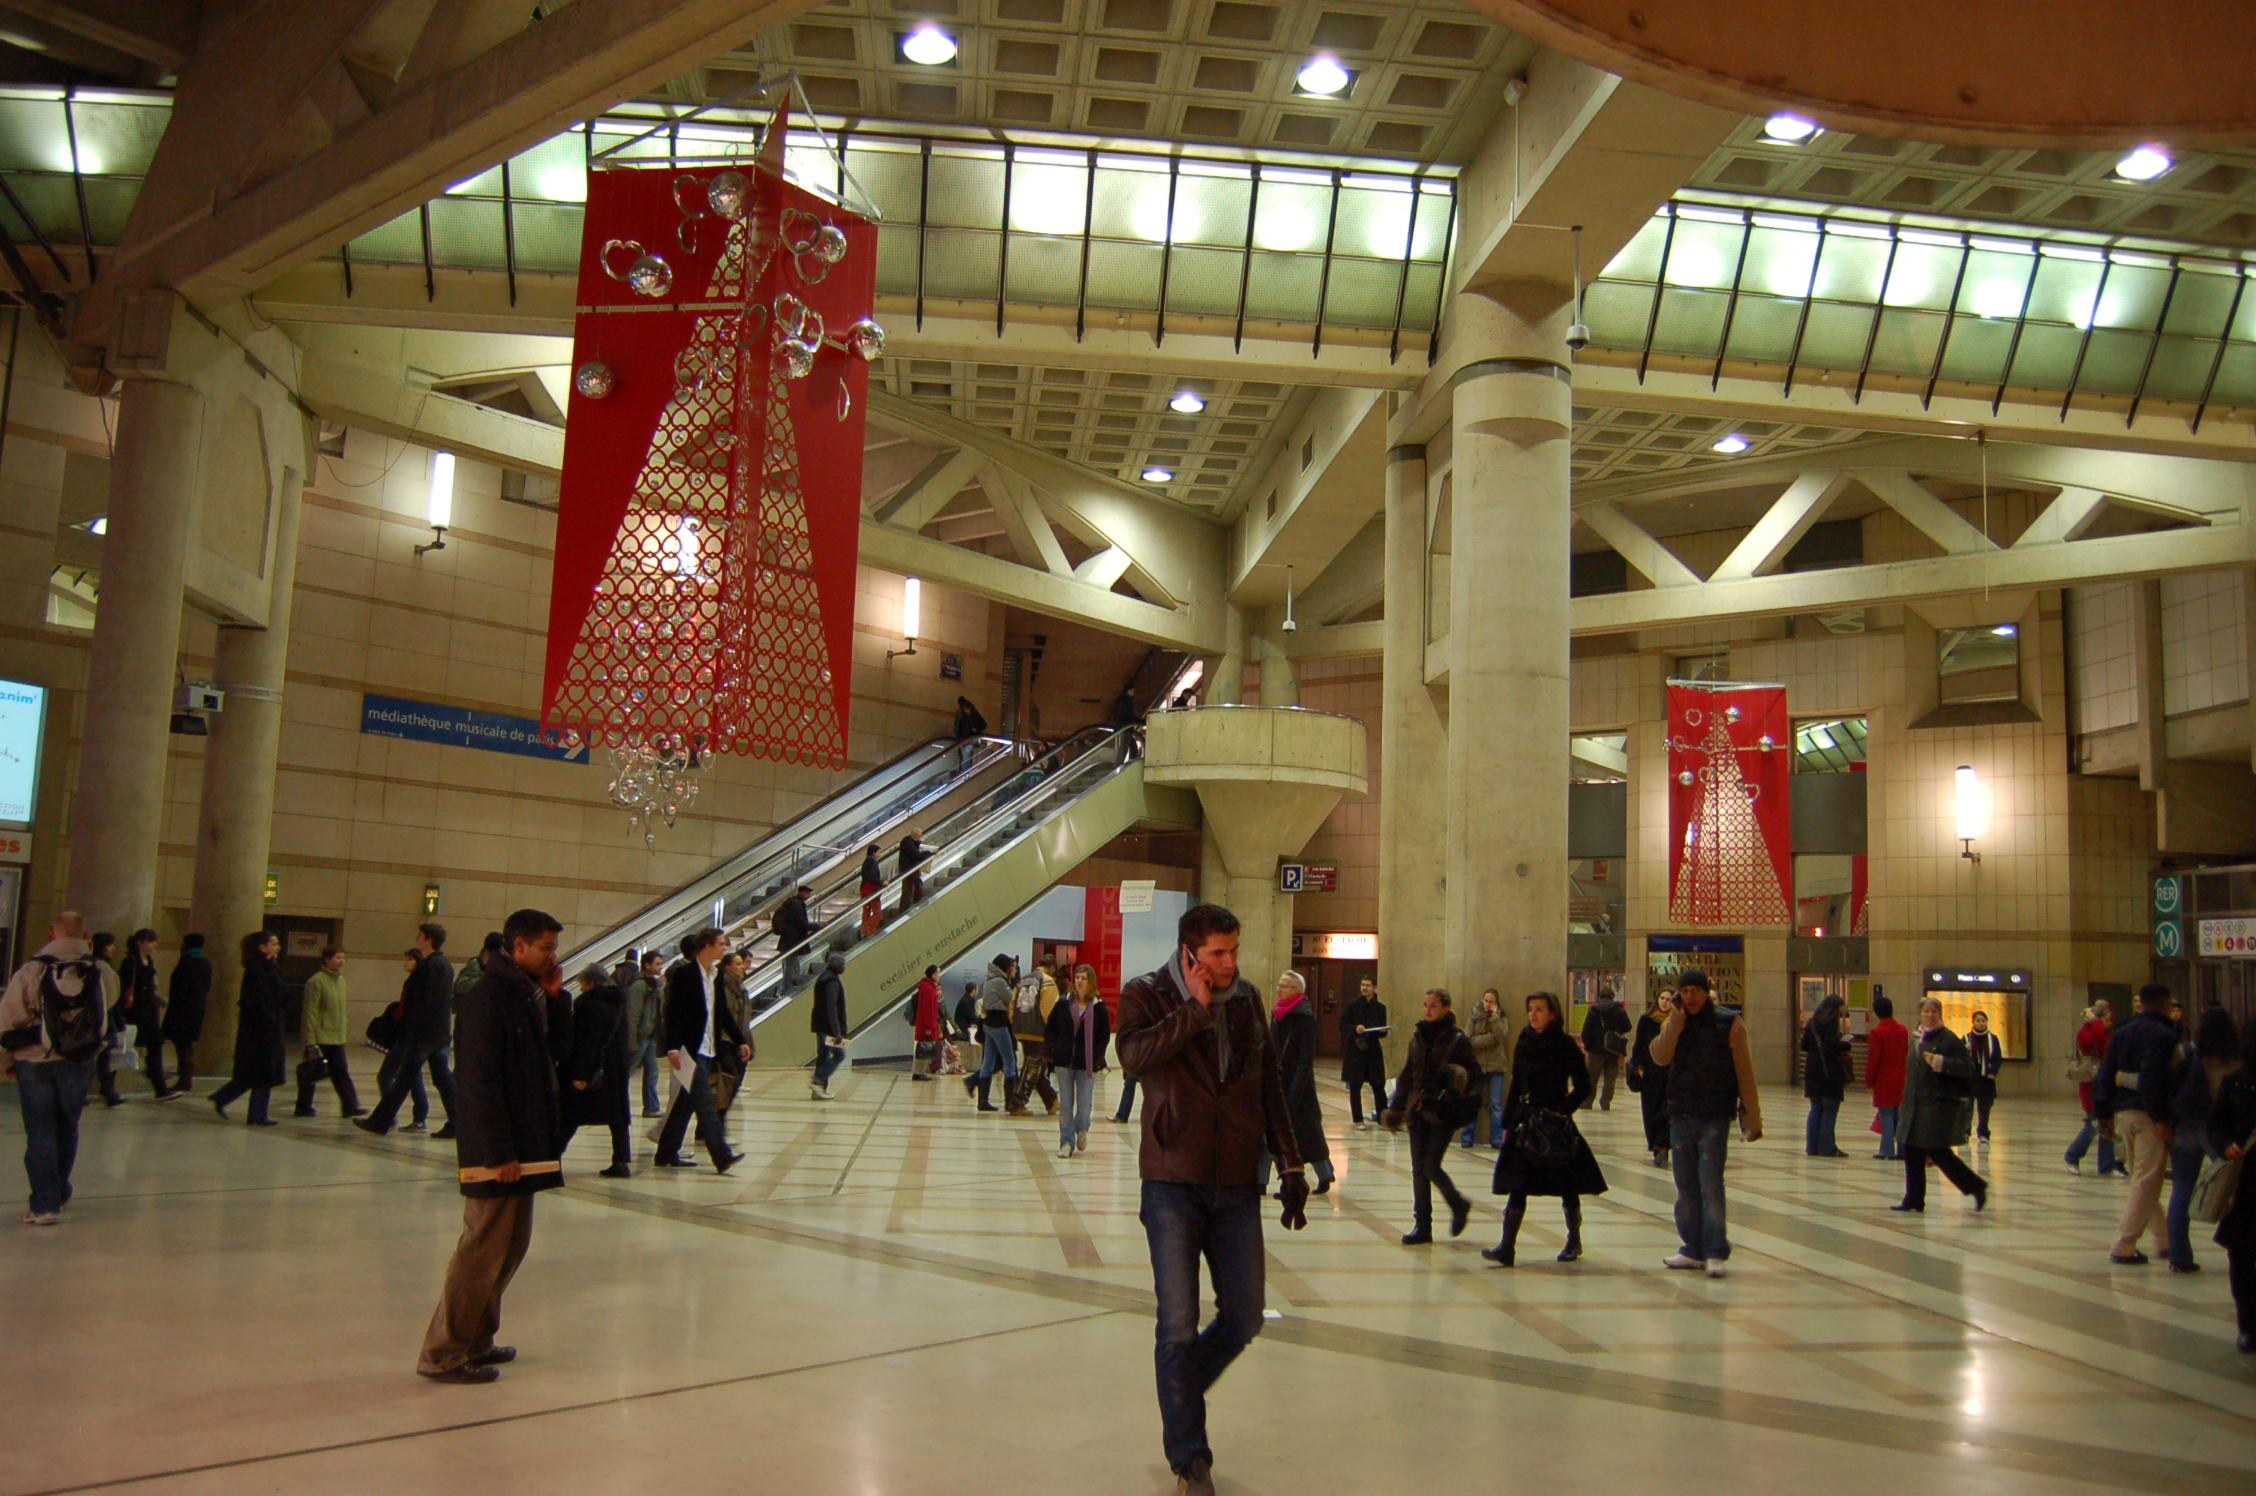 File place carr e forum des halles jpg wikimedia commons - Maison du monde forum des halles ...